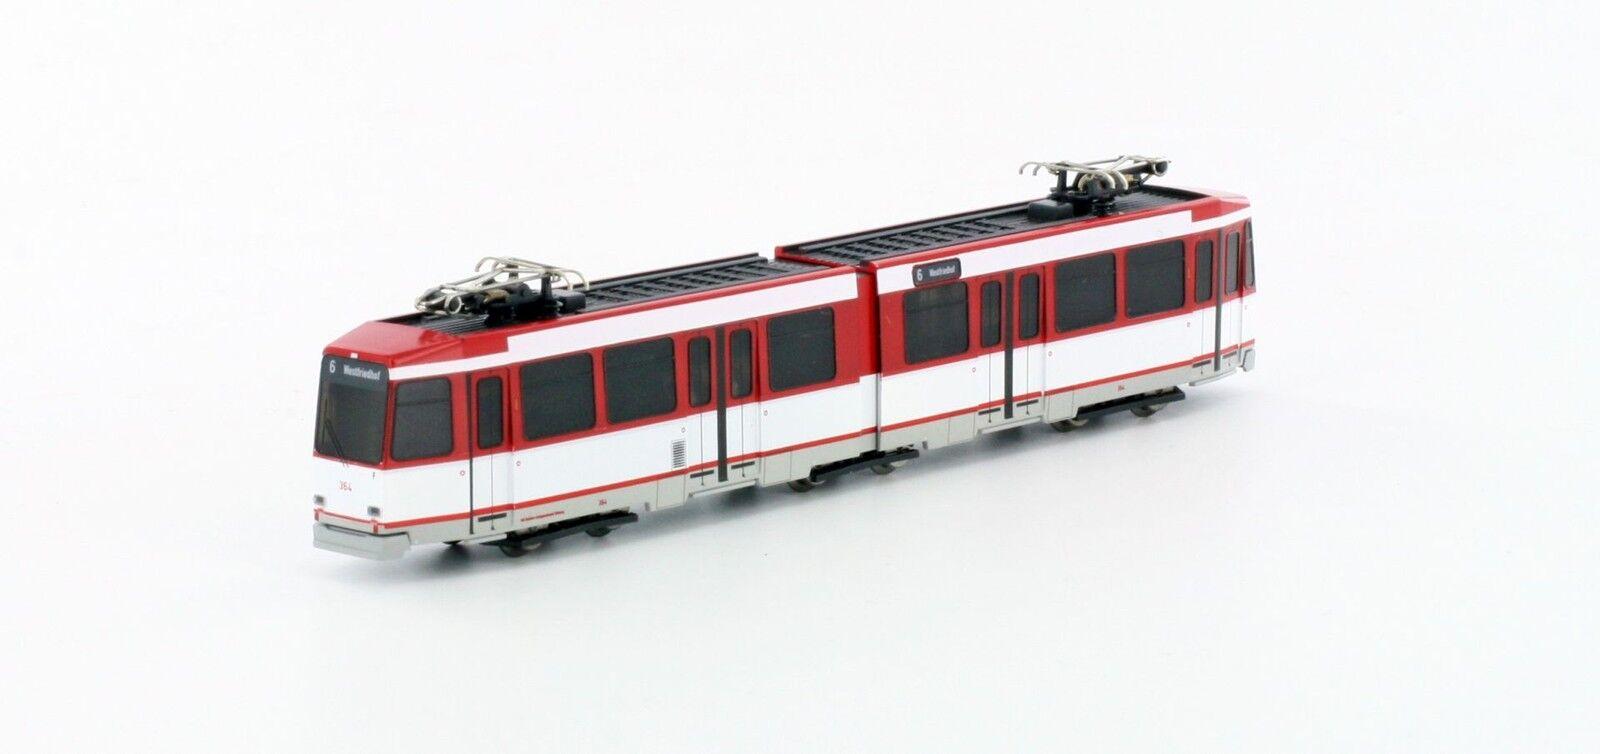 HOBBYTRAIN 14903 Tranvía düwag M6 Nürnberg  NUEVO EN EMB. orig.